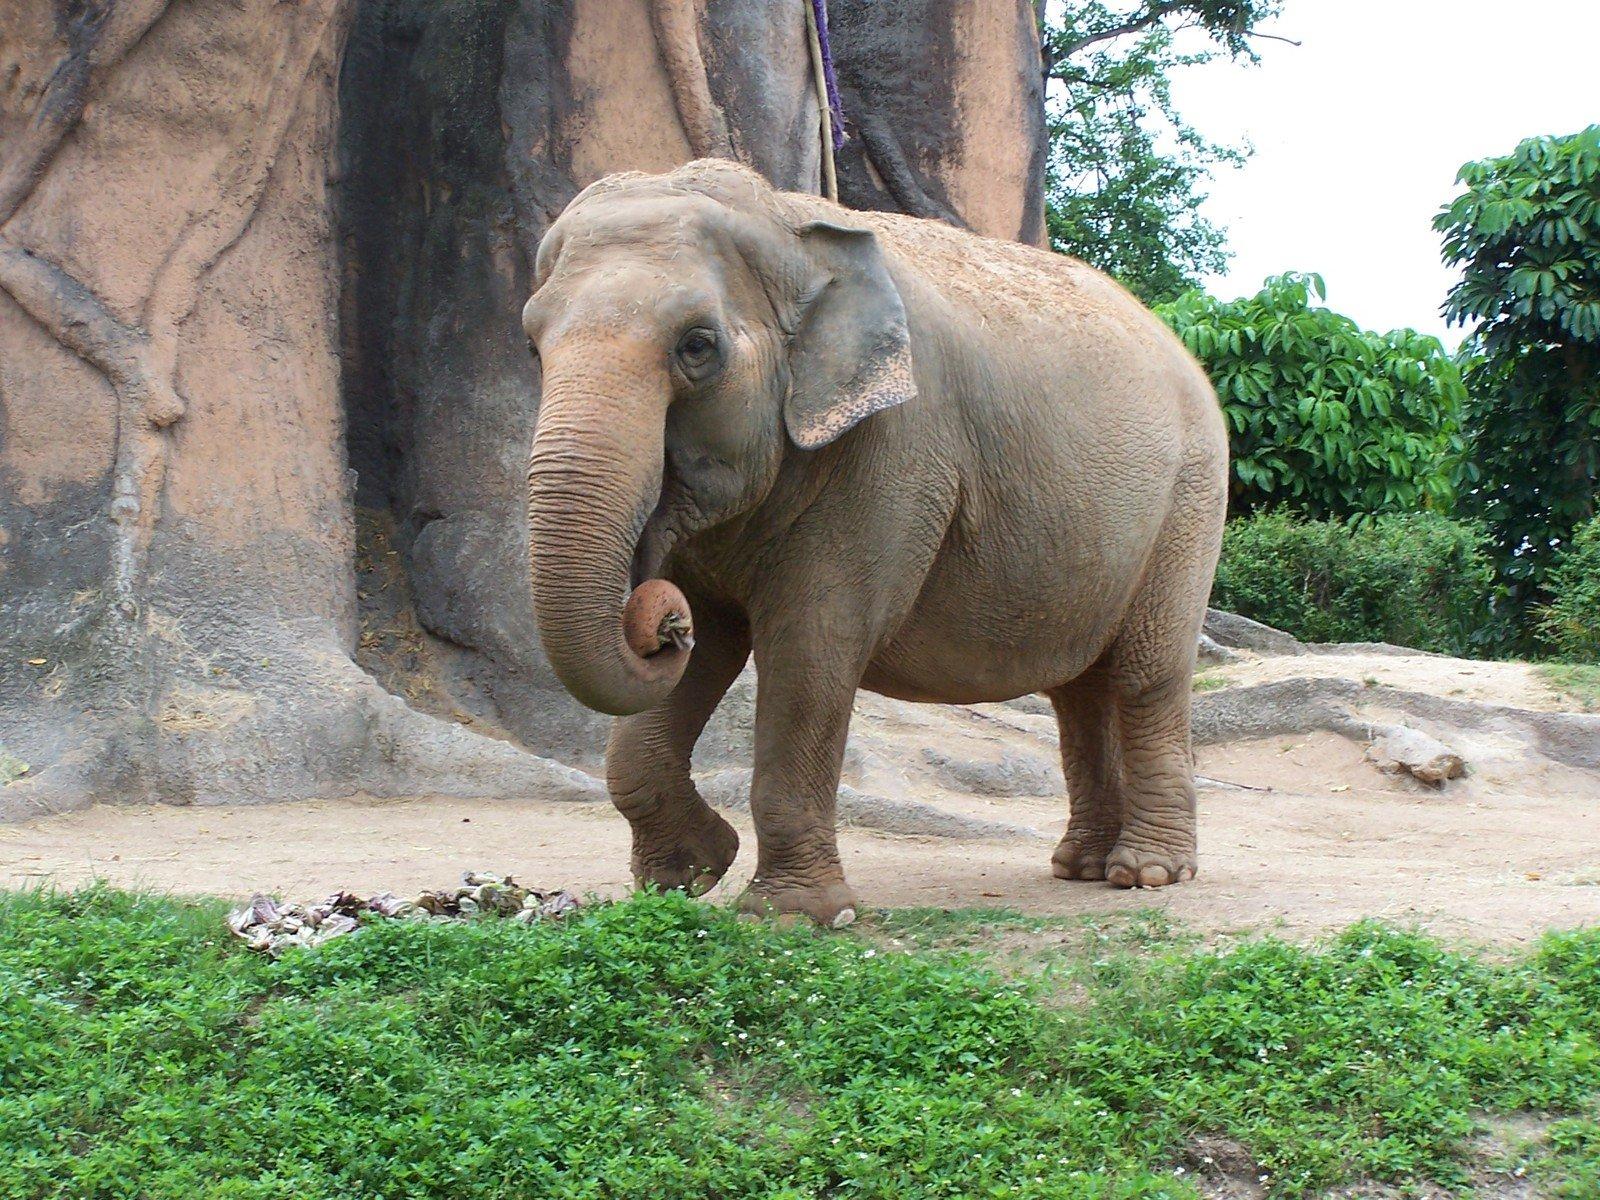 2) Elephant-noun ˈel.ə.fənt-